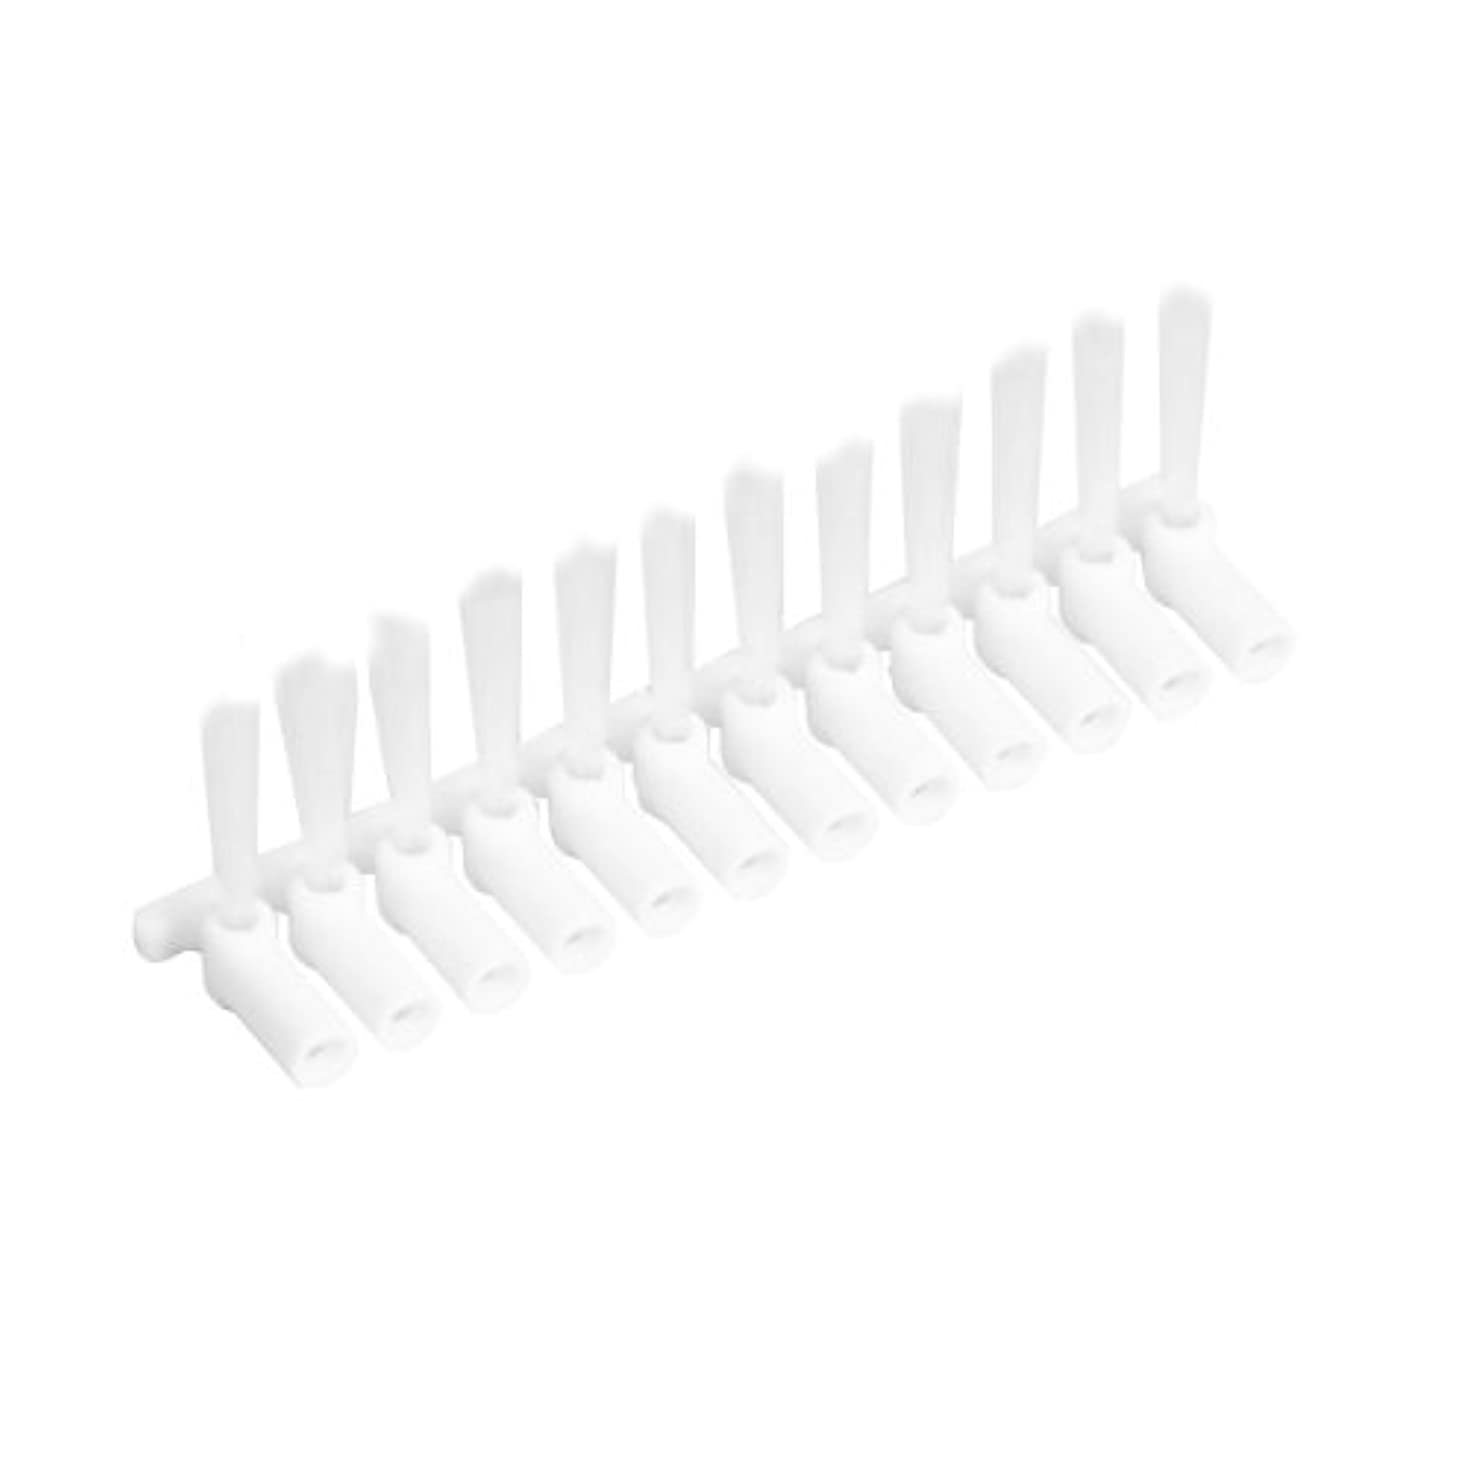 上げる代替案舗装する山善 電動歯間ブラシ デンタルペッカー専用替ブラシ 12本(専用保管ケース付) DPK-10